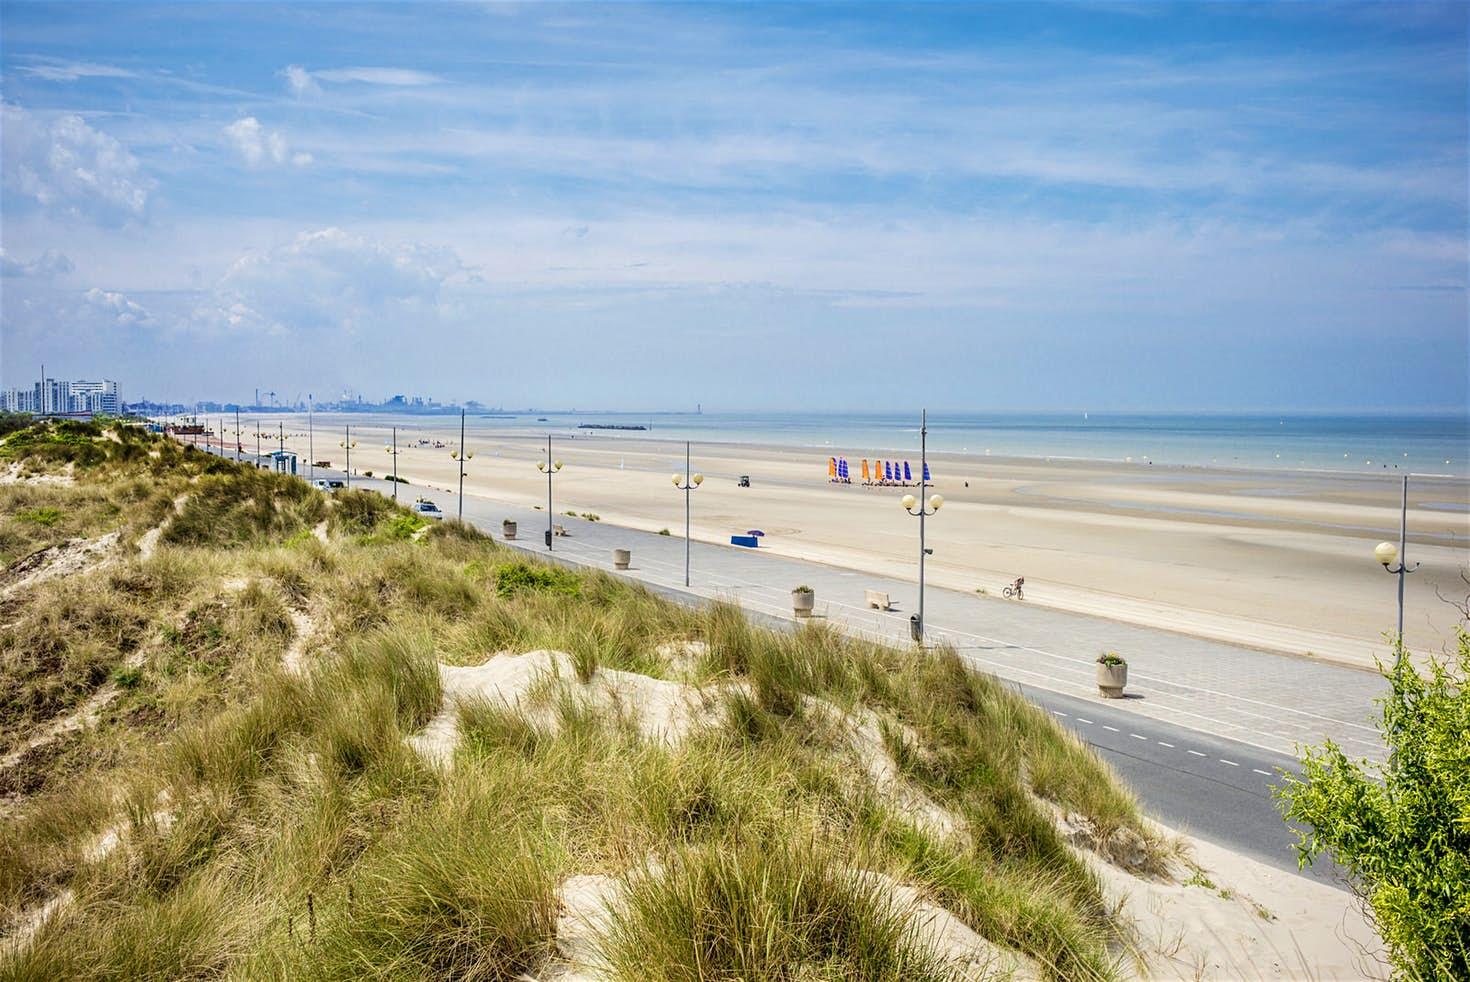 Dunkerque, Franciaország – Dunkirk (2017)